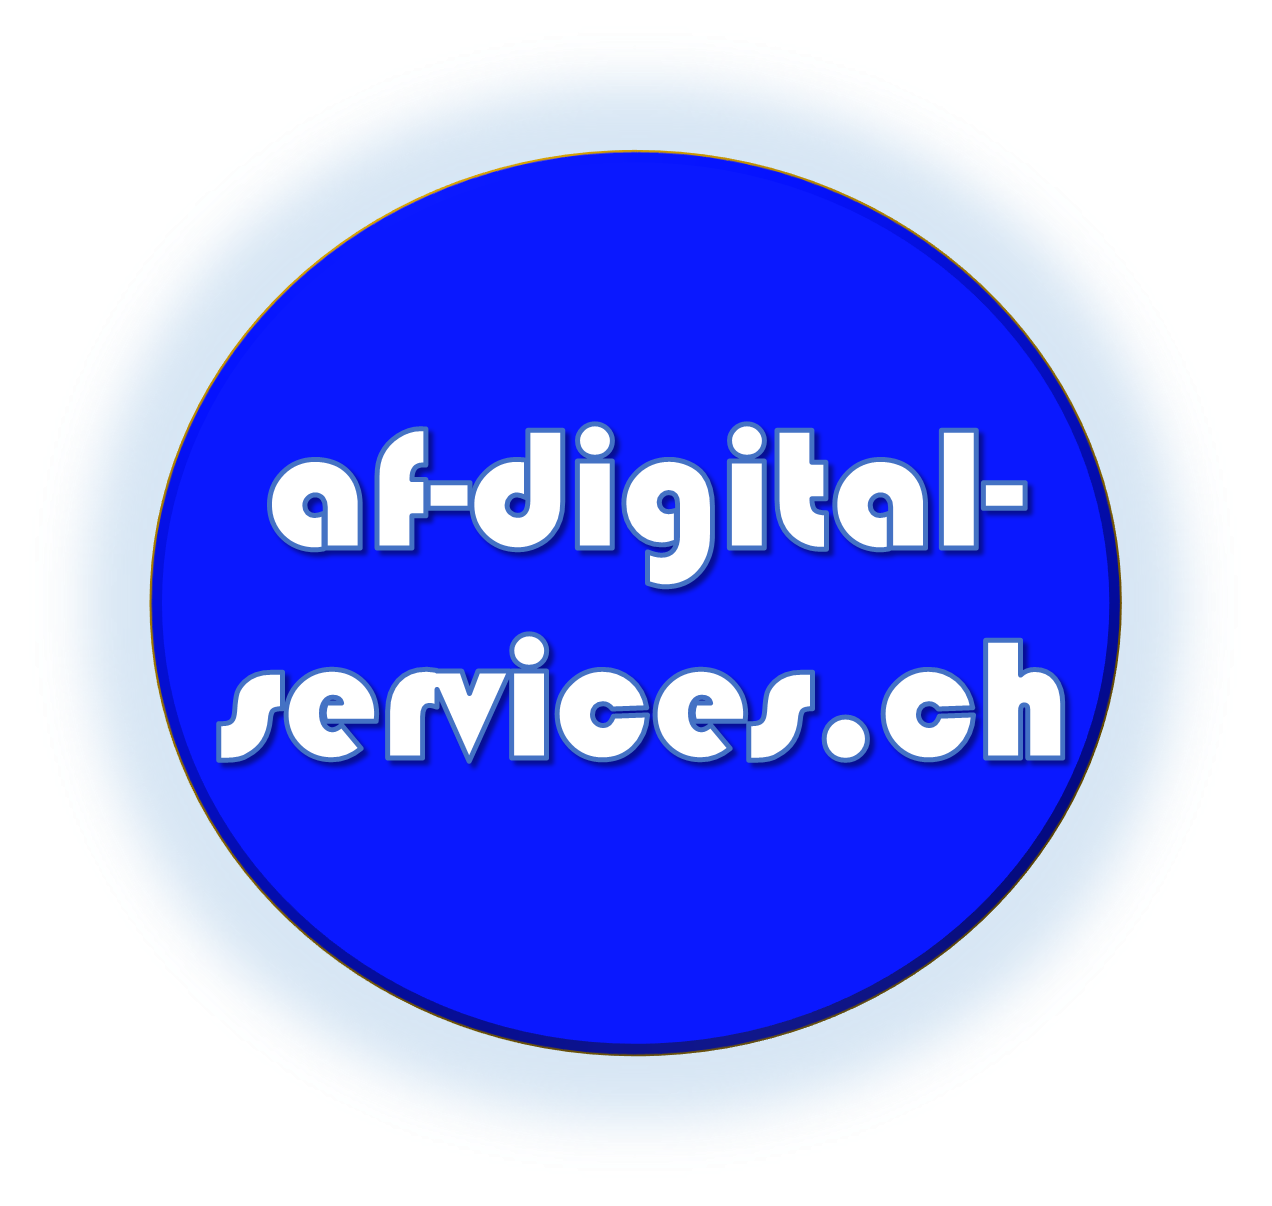 af-digital-services.ch